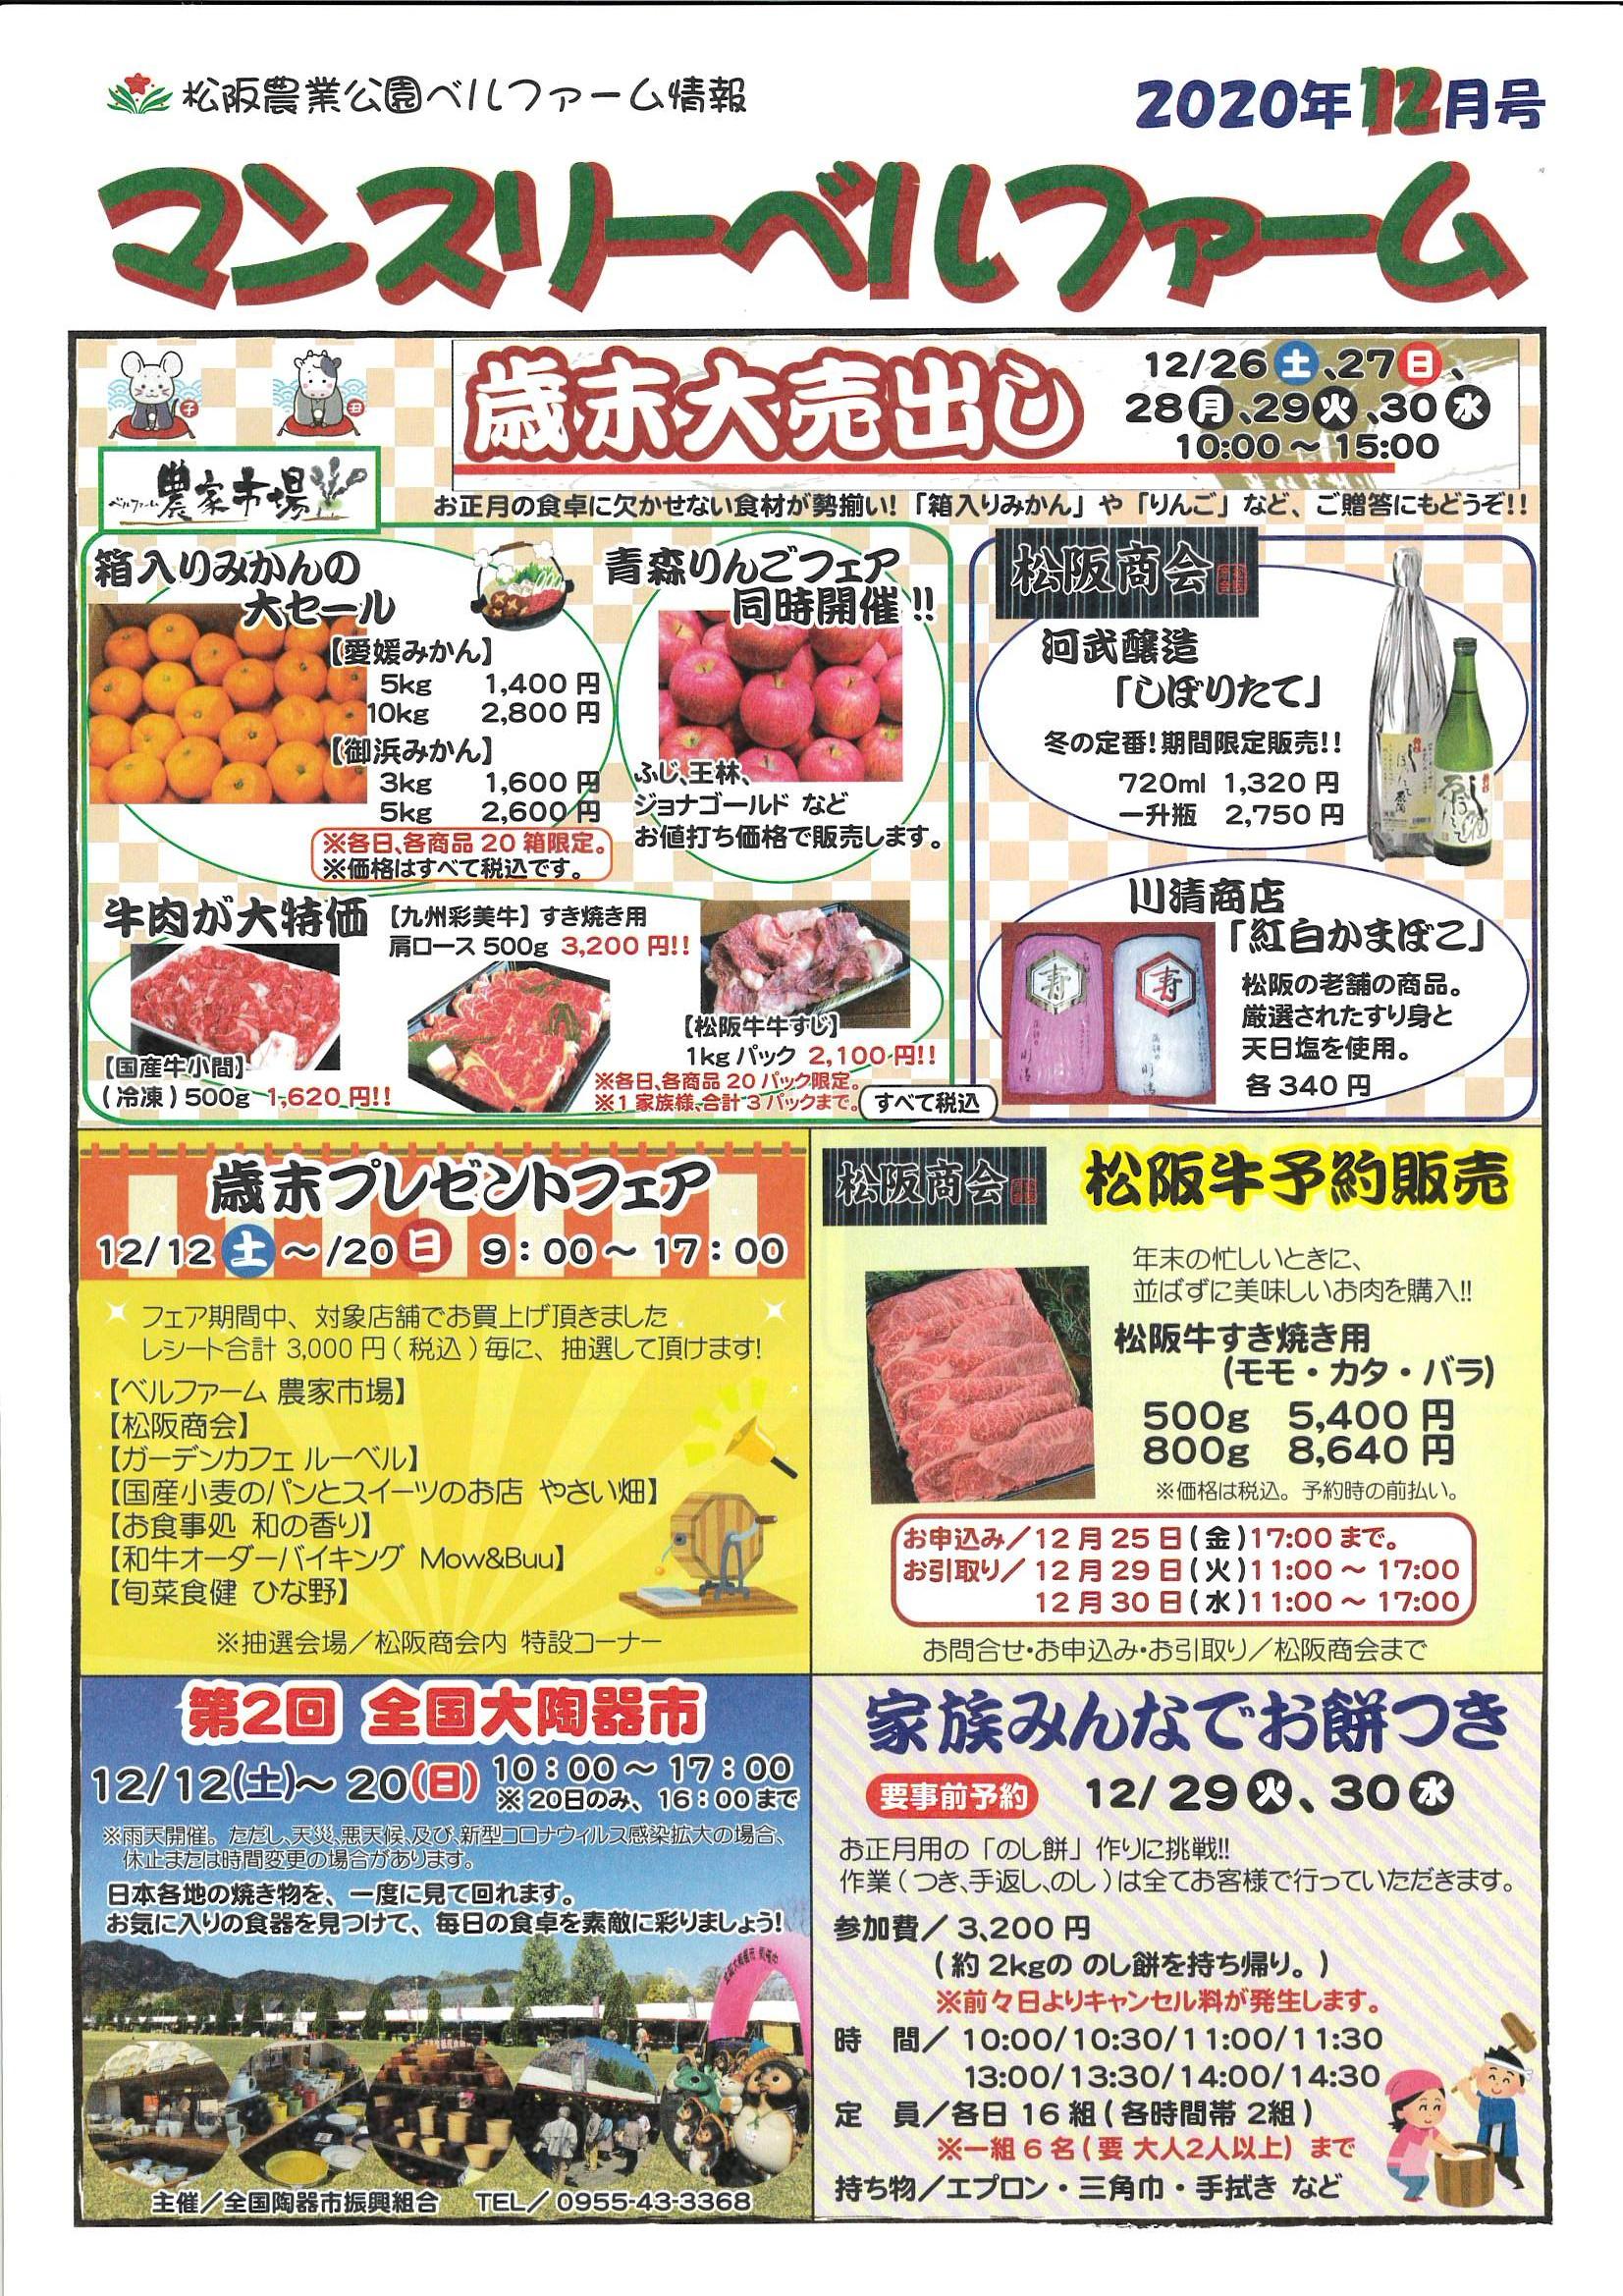 松阪農業公園ベルファーム情報 12月号